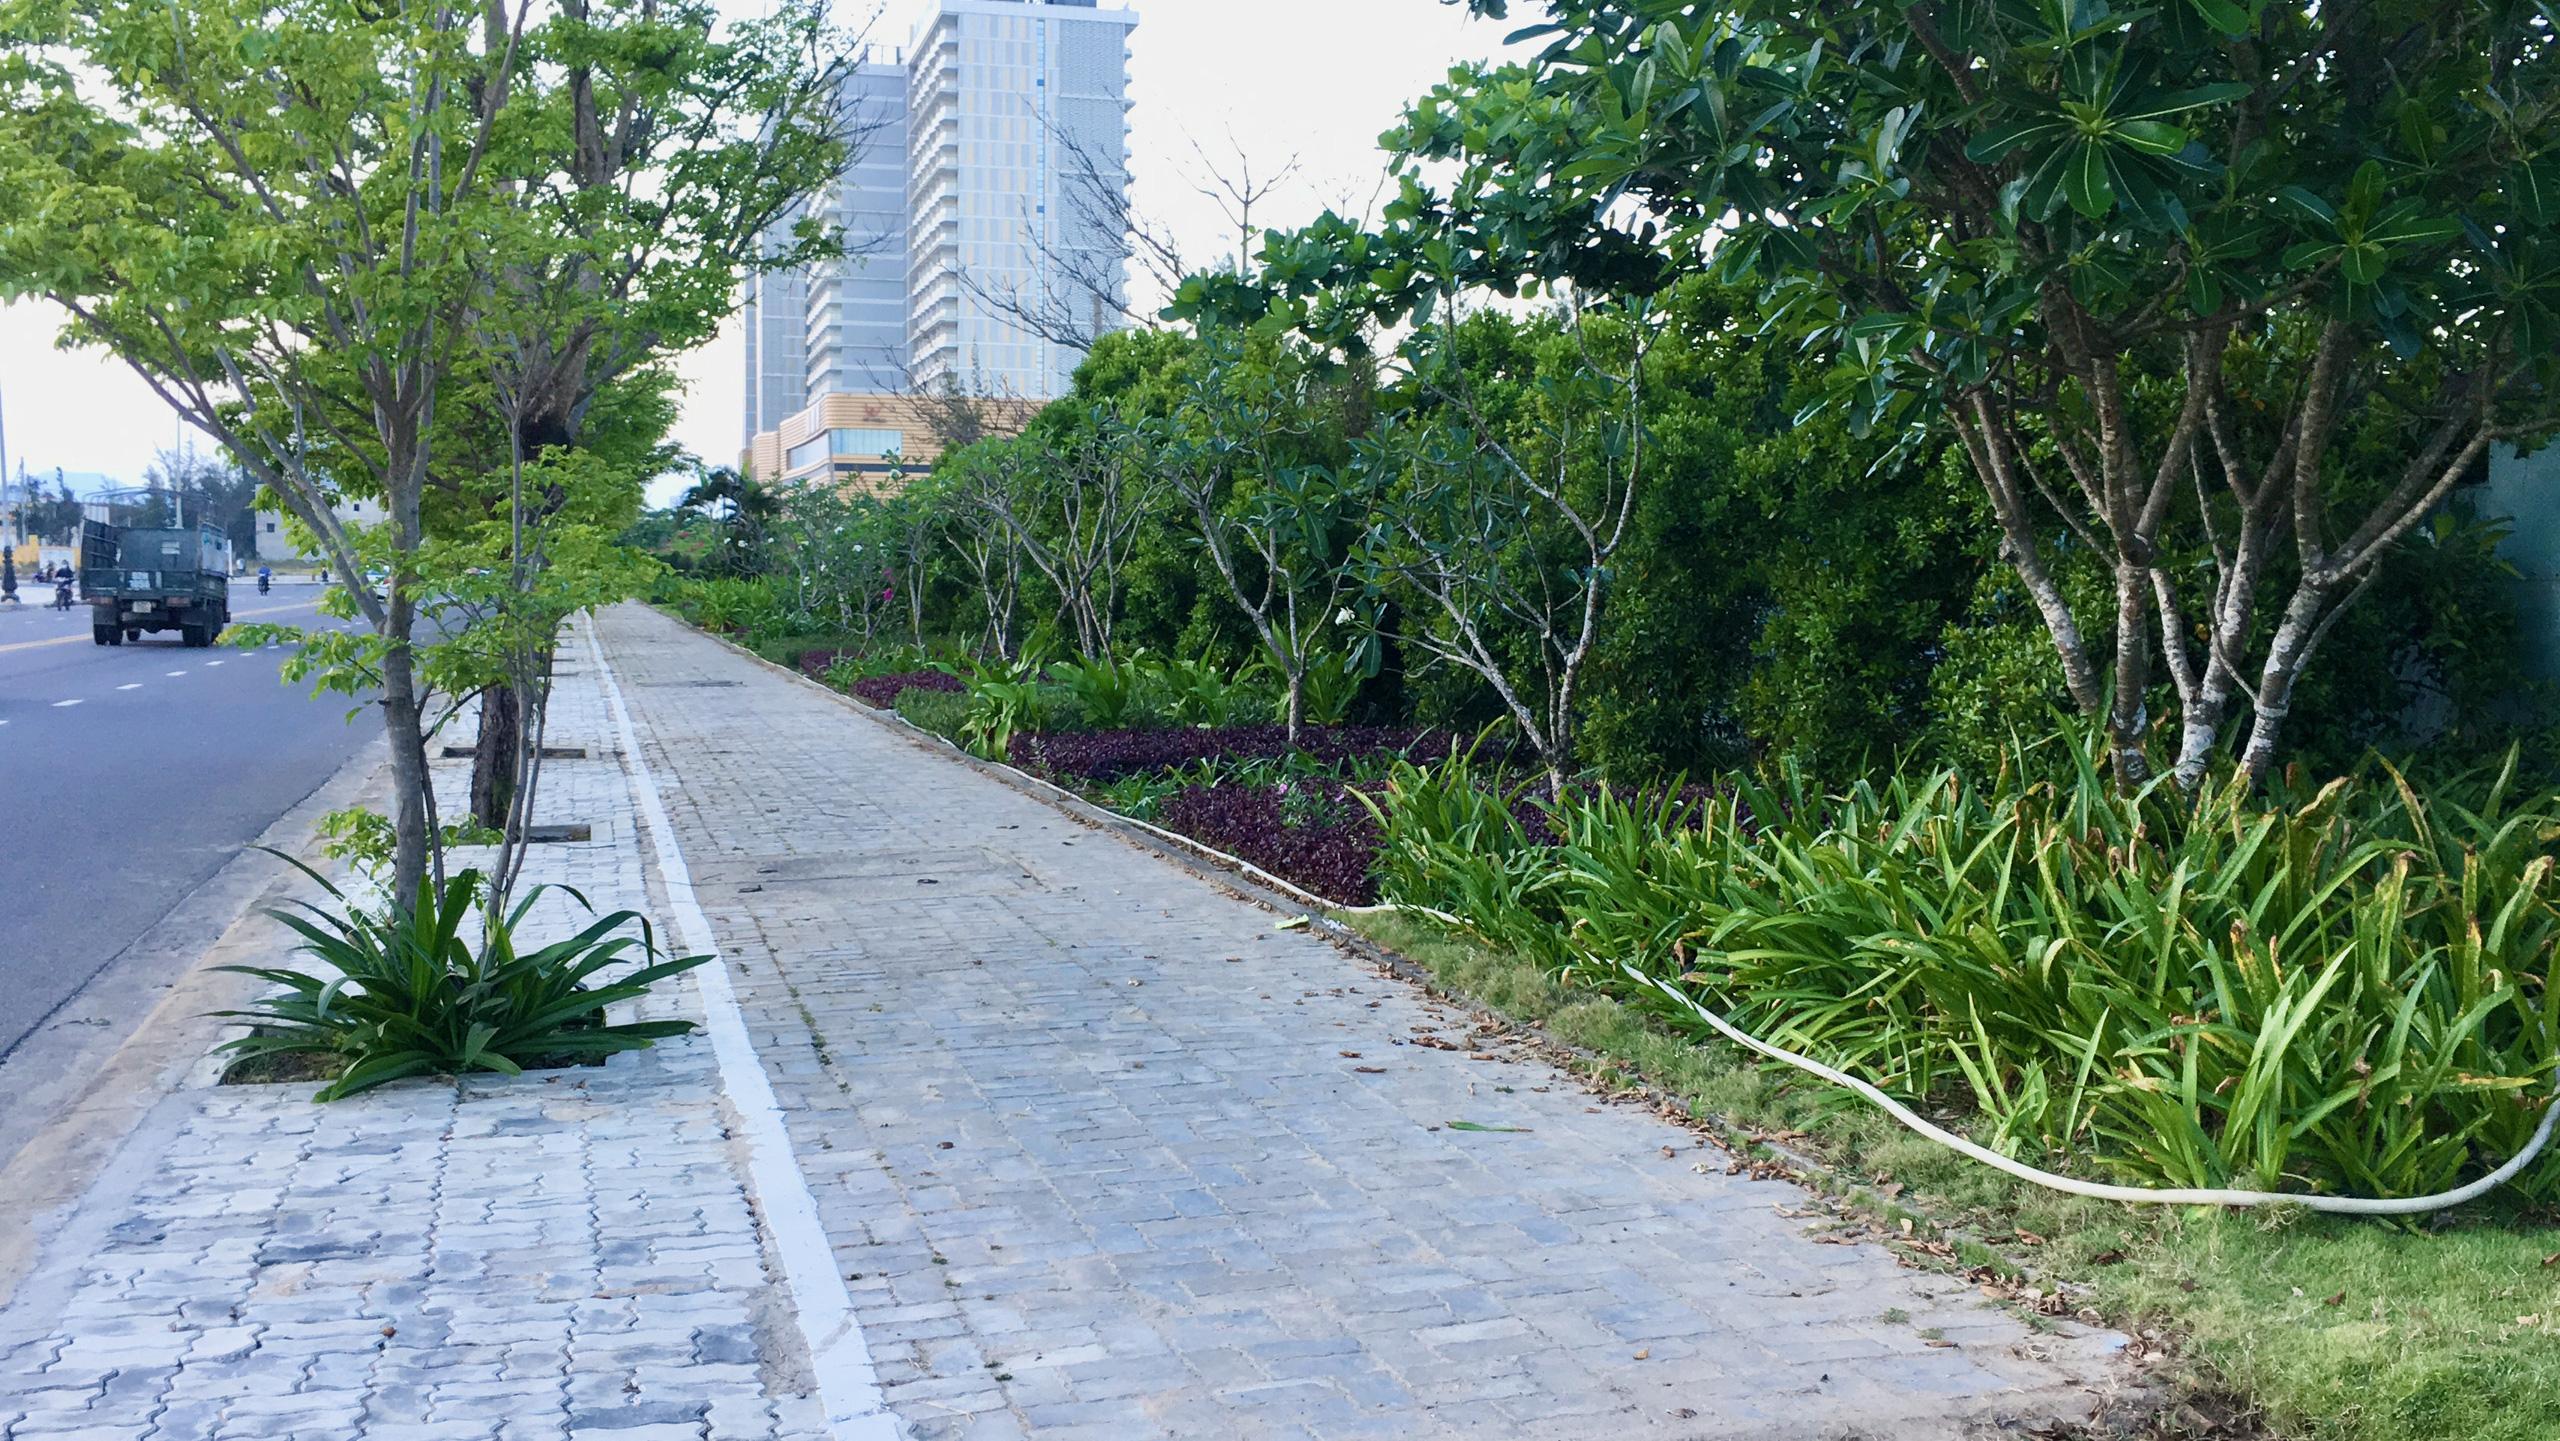 Dự án hơn 12 ha ven biển Đà Nẵng mà Công ty của vợ chồng Chủ tịch VNDirect muốn rút đầu tư hiện đang bỏ hoang - Ảnh 6.